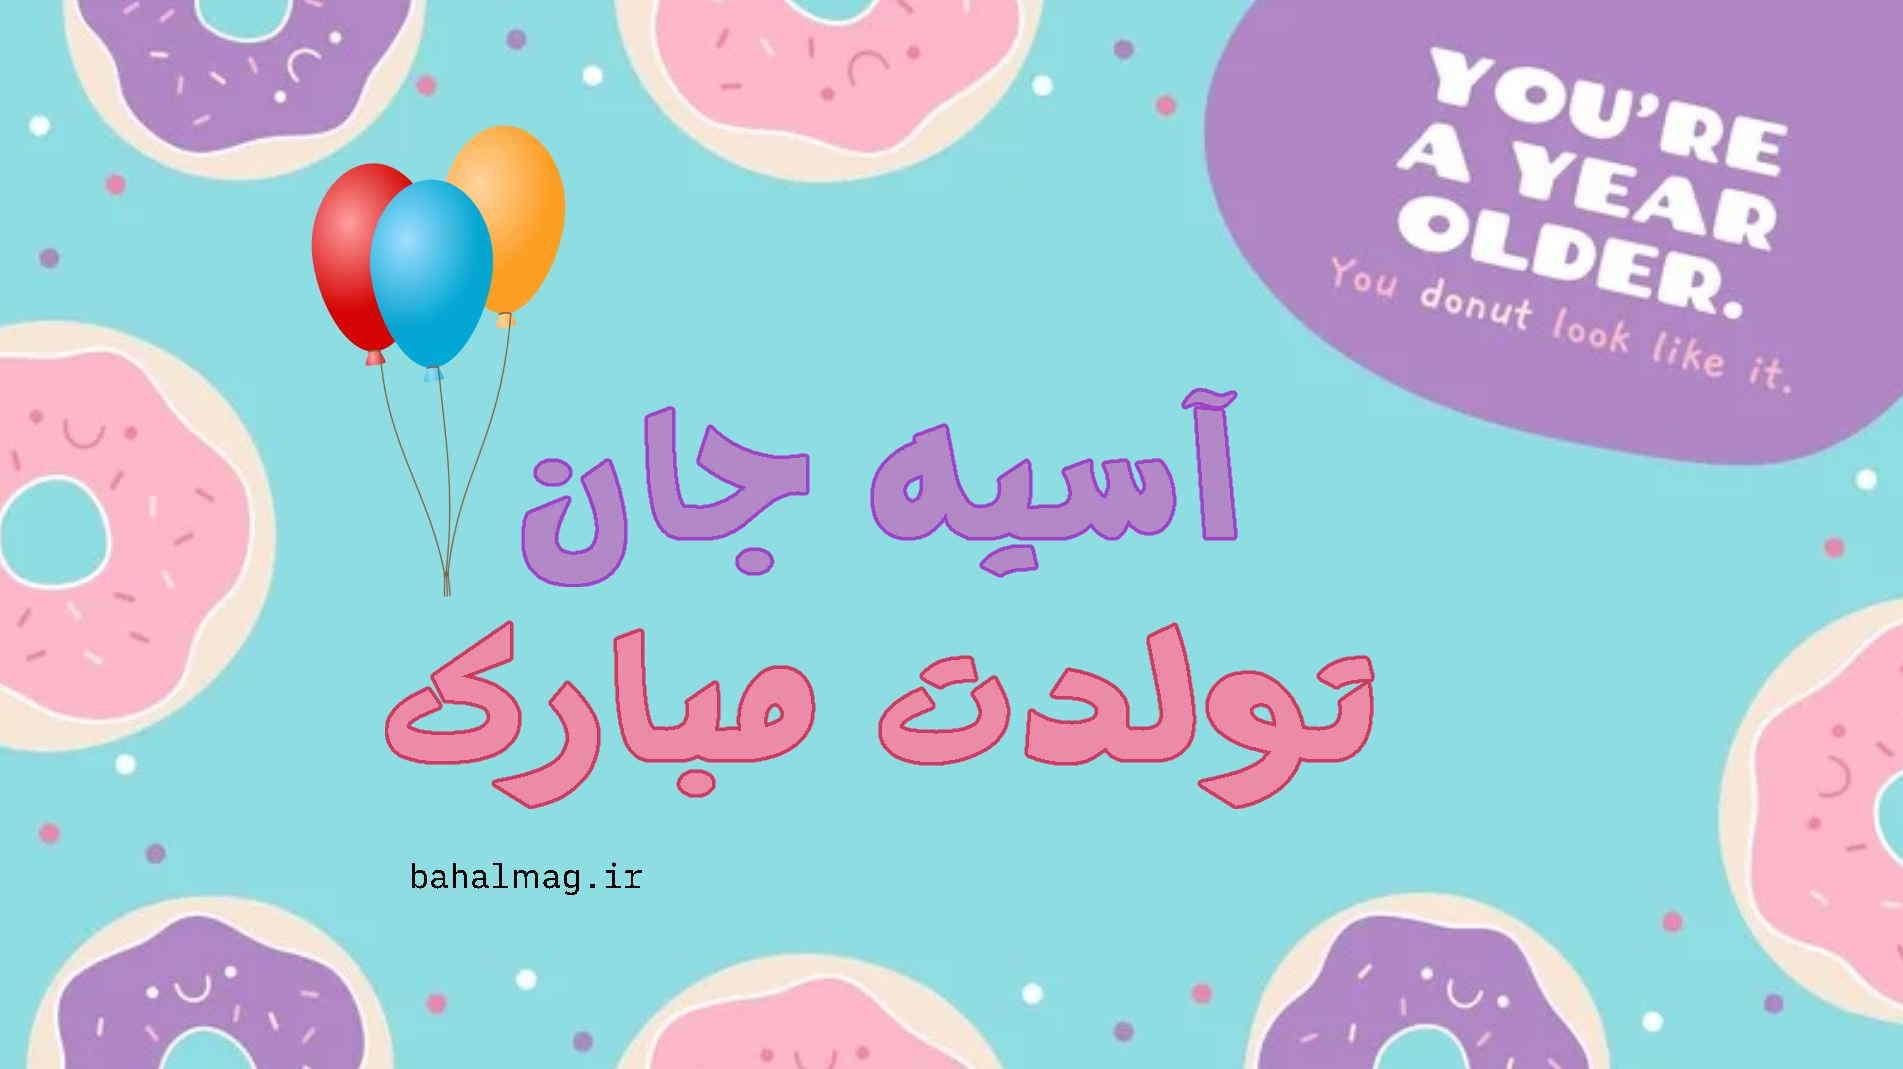 آسیه جانم تولدت مبارک